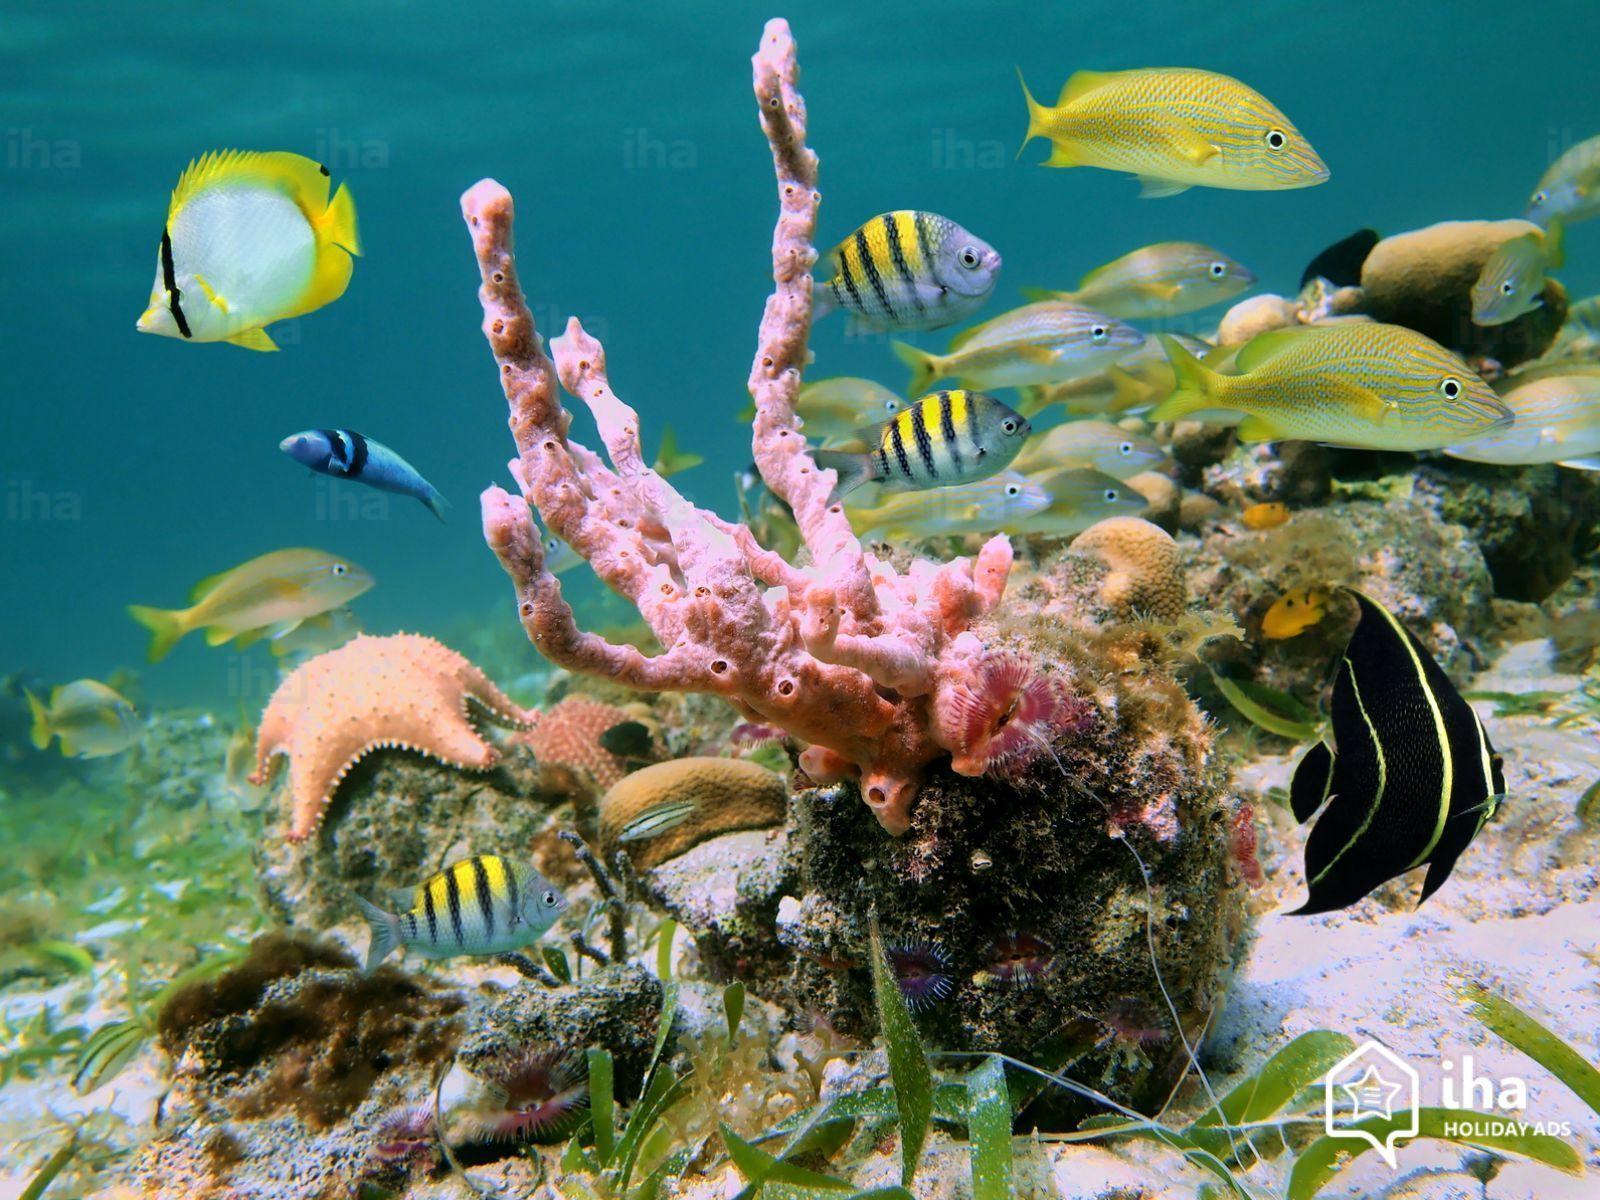 https://s.iha.com/00113149746/San-martin-parte-holandesa-Vida-del-mar-caribe.jpeg